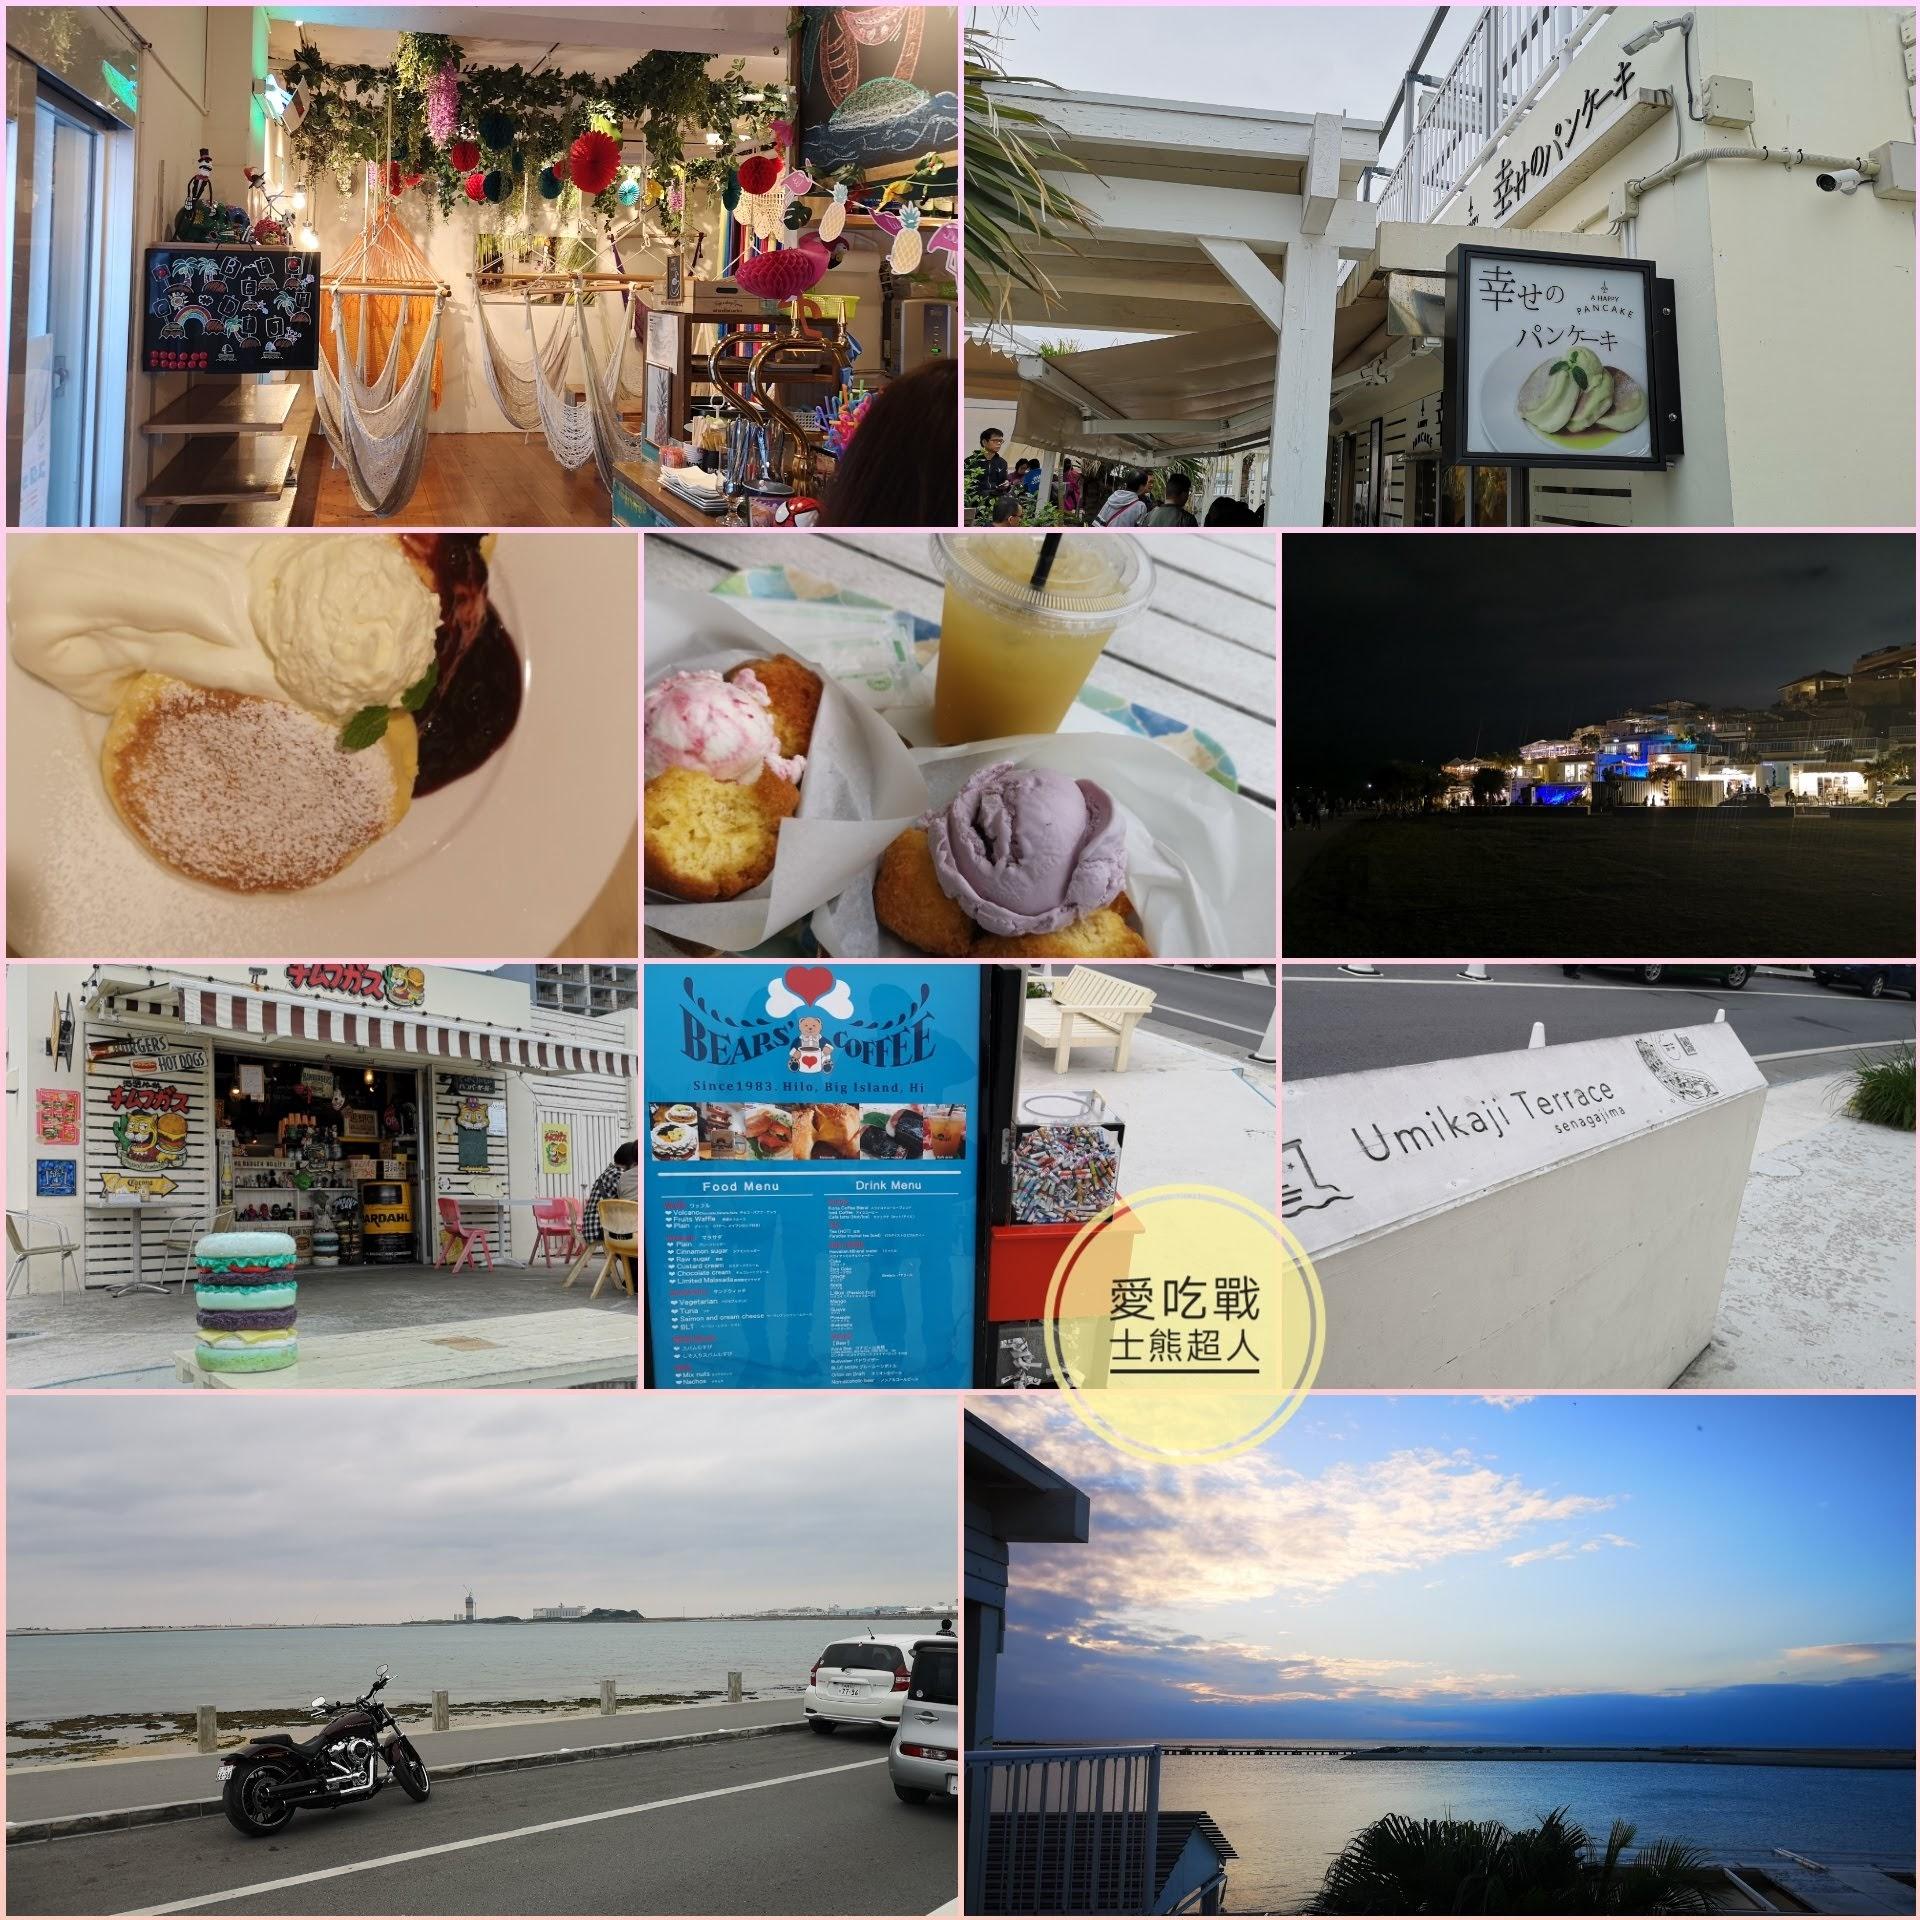 。沖繩 瀨長島。像是來到沖繩的地中海一般,必吃美食景點住宿全攻略